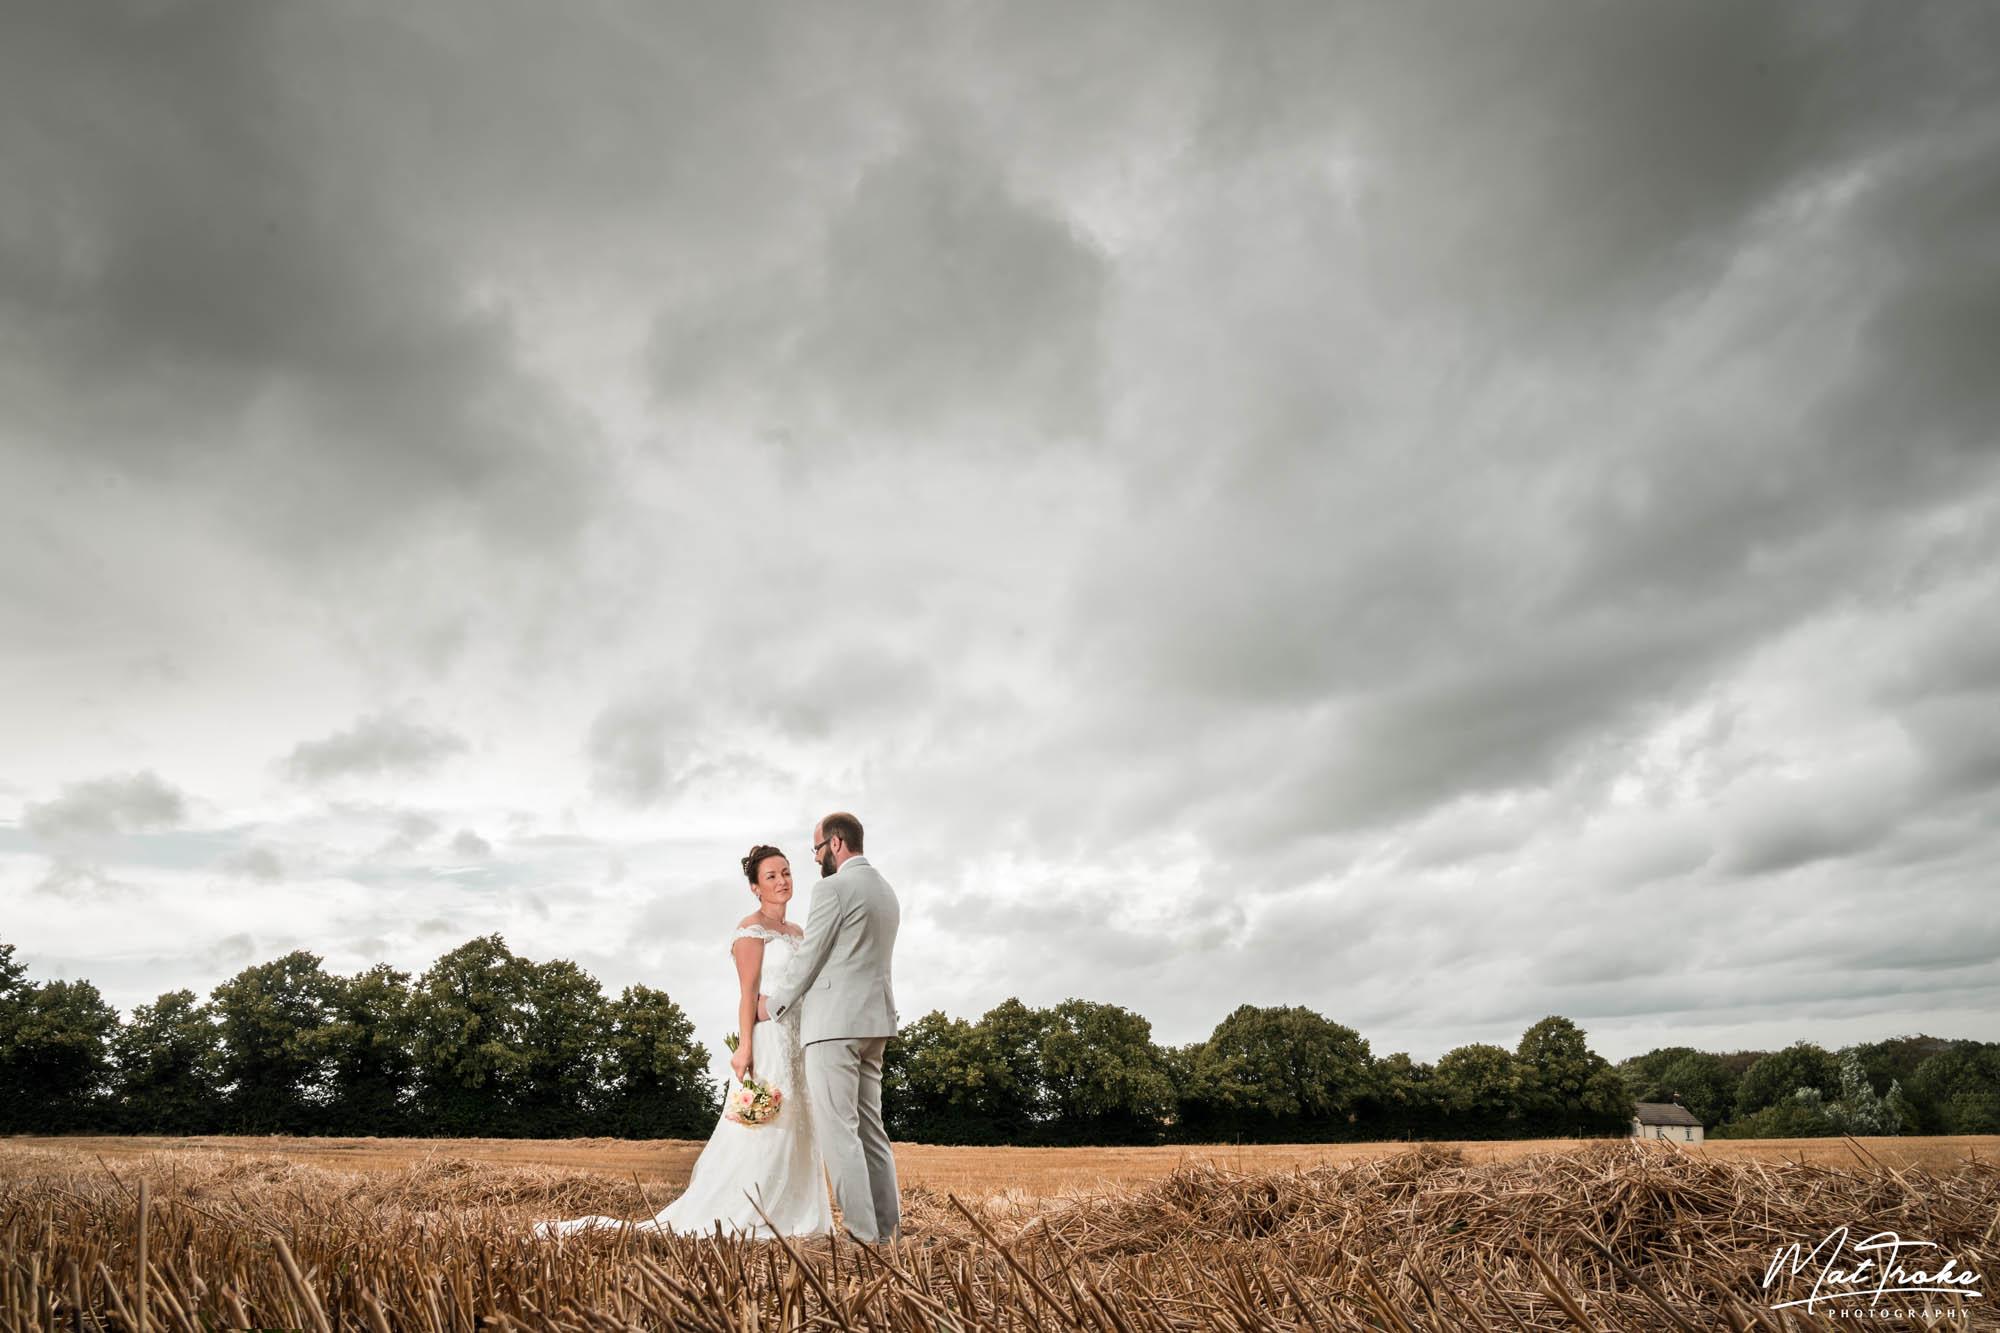 Wentworth Church Farm Field Wedding - Sheffield